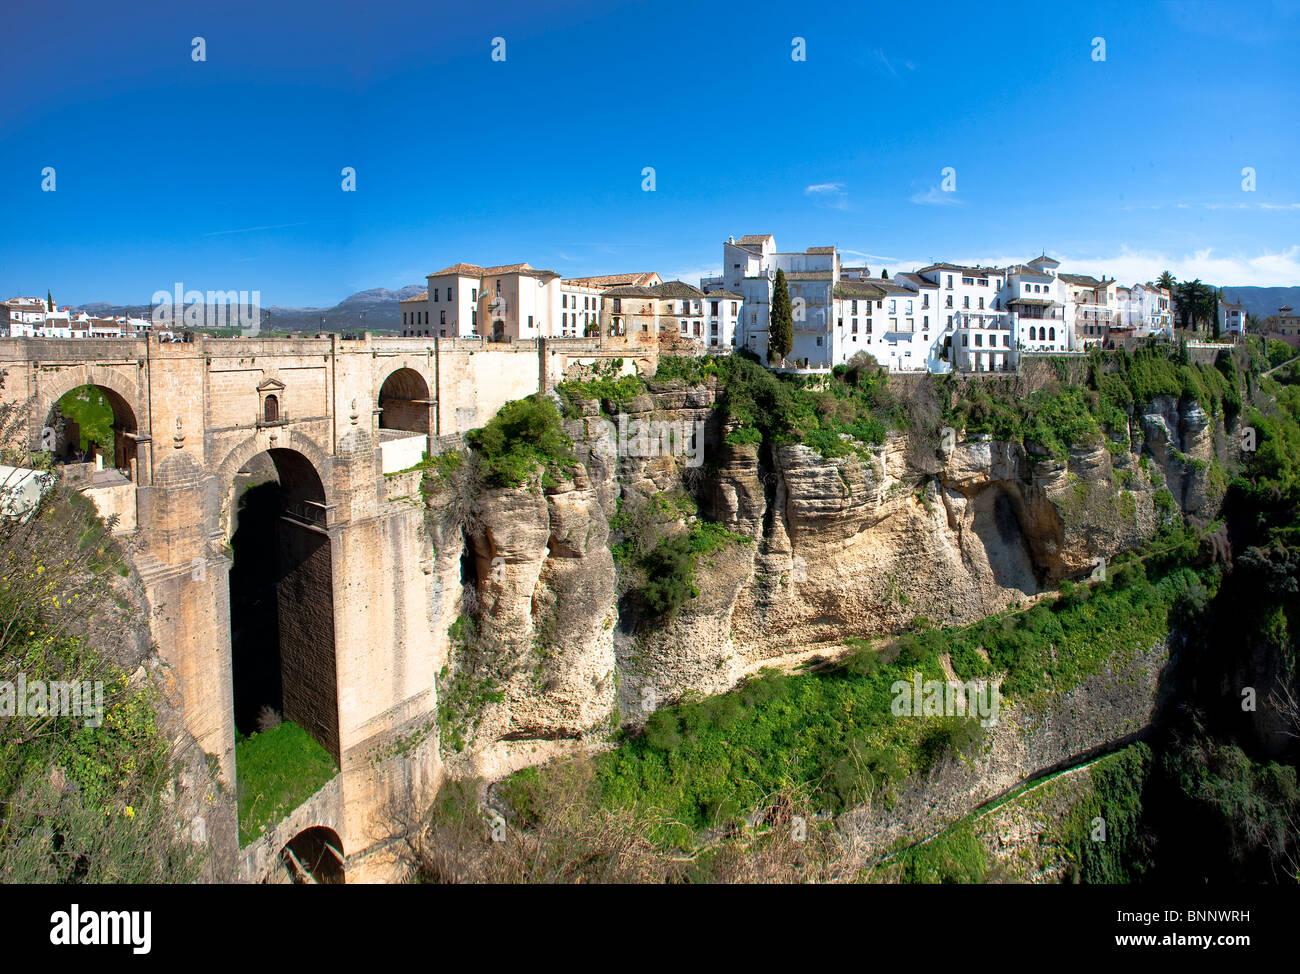 Andalusia spagna Malaga Ronda Medioevo scogliera di protezione di connessione curva a ponte in viaggio turismo vacanza Immagini Stock